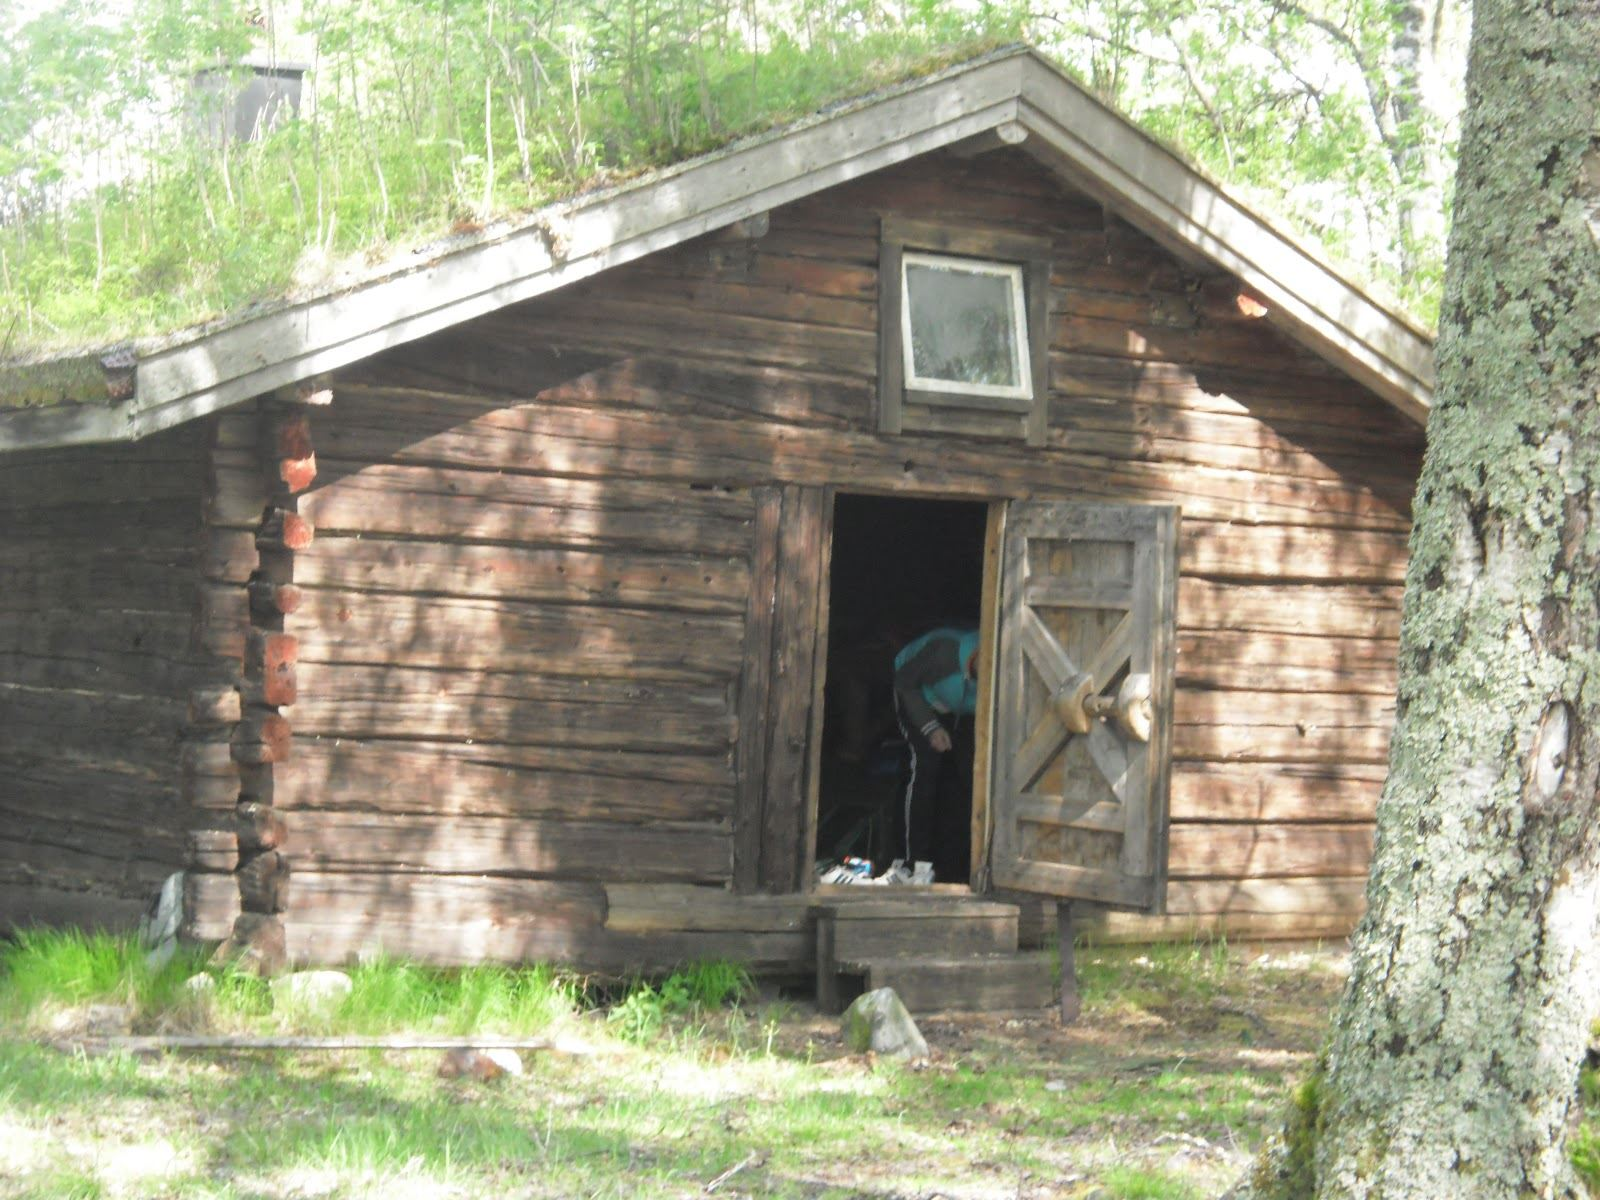 KFUM camp, Norrbyskär